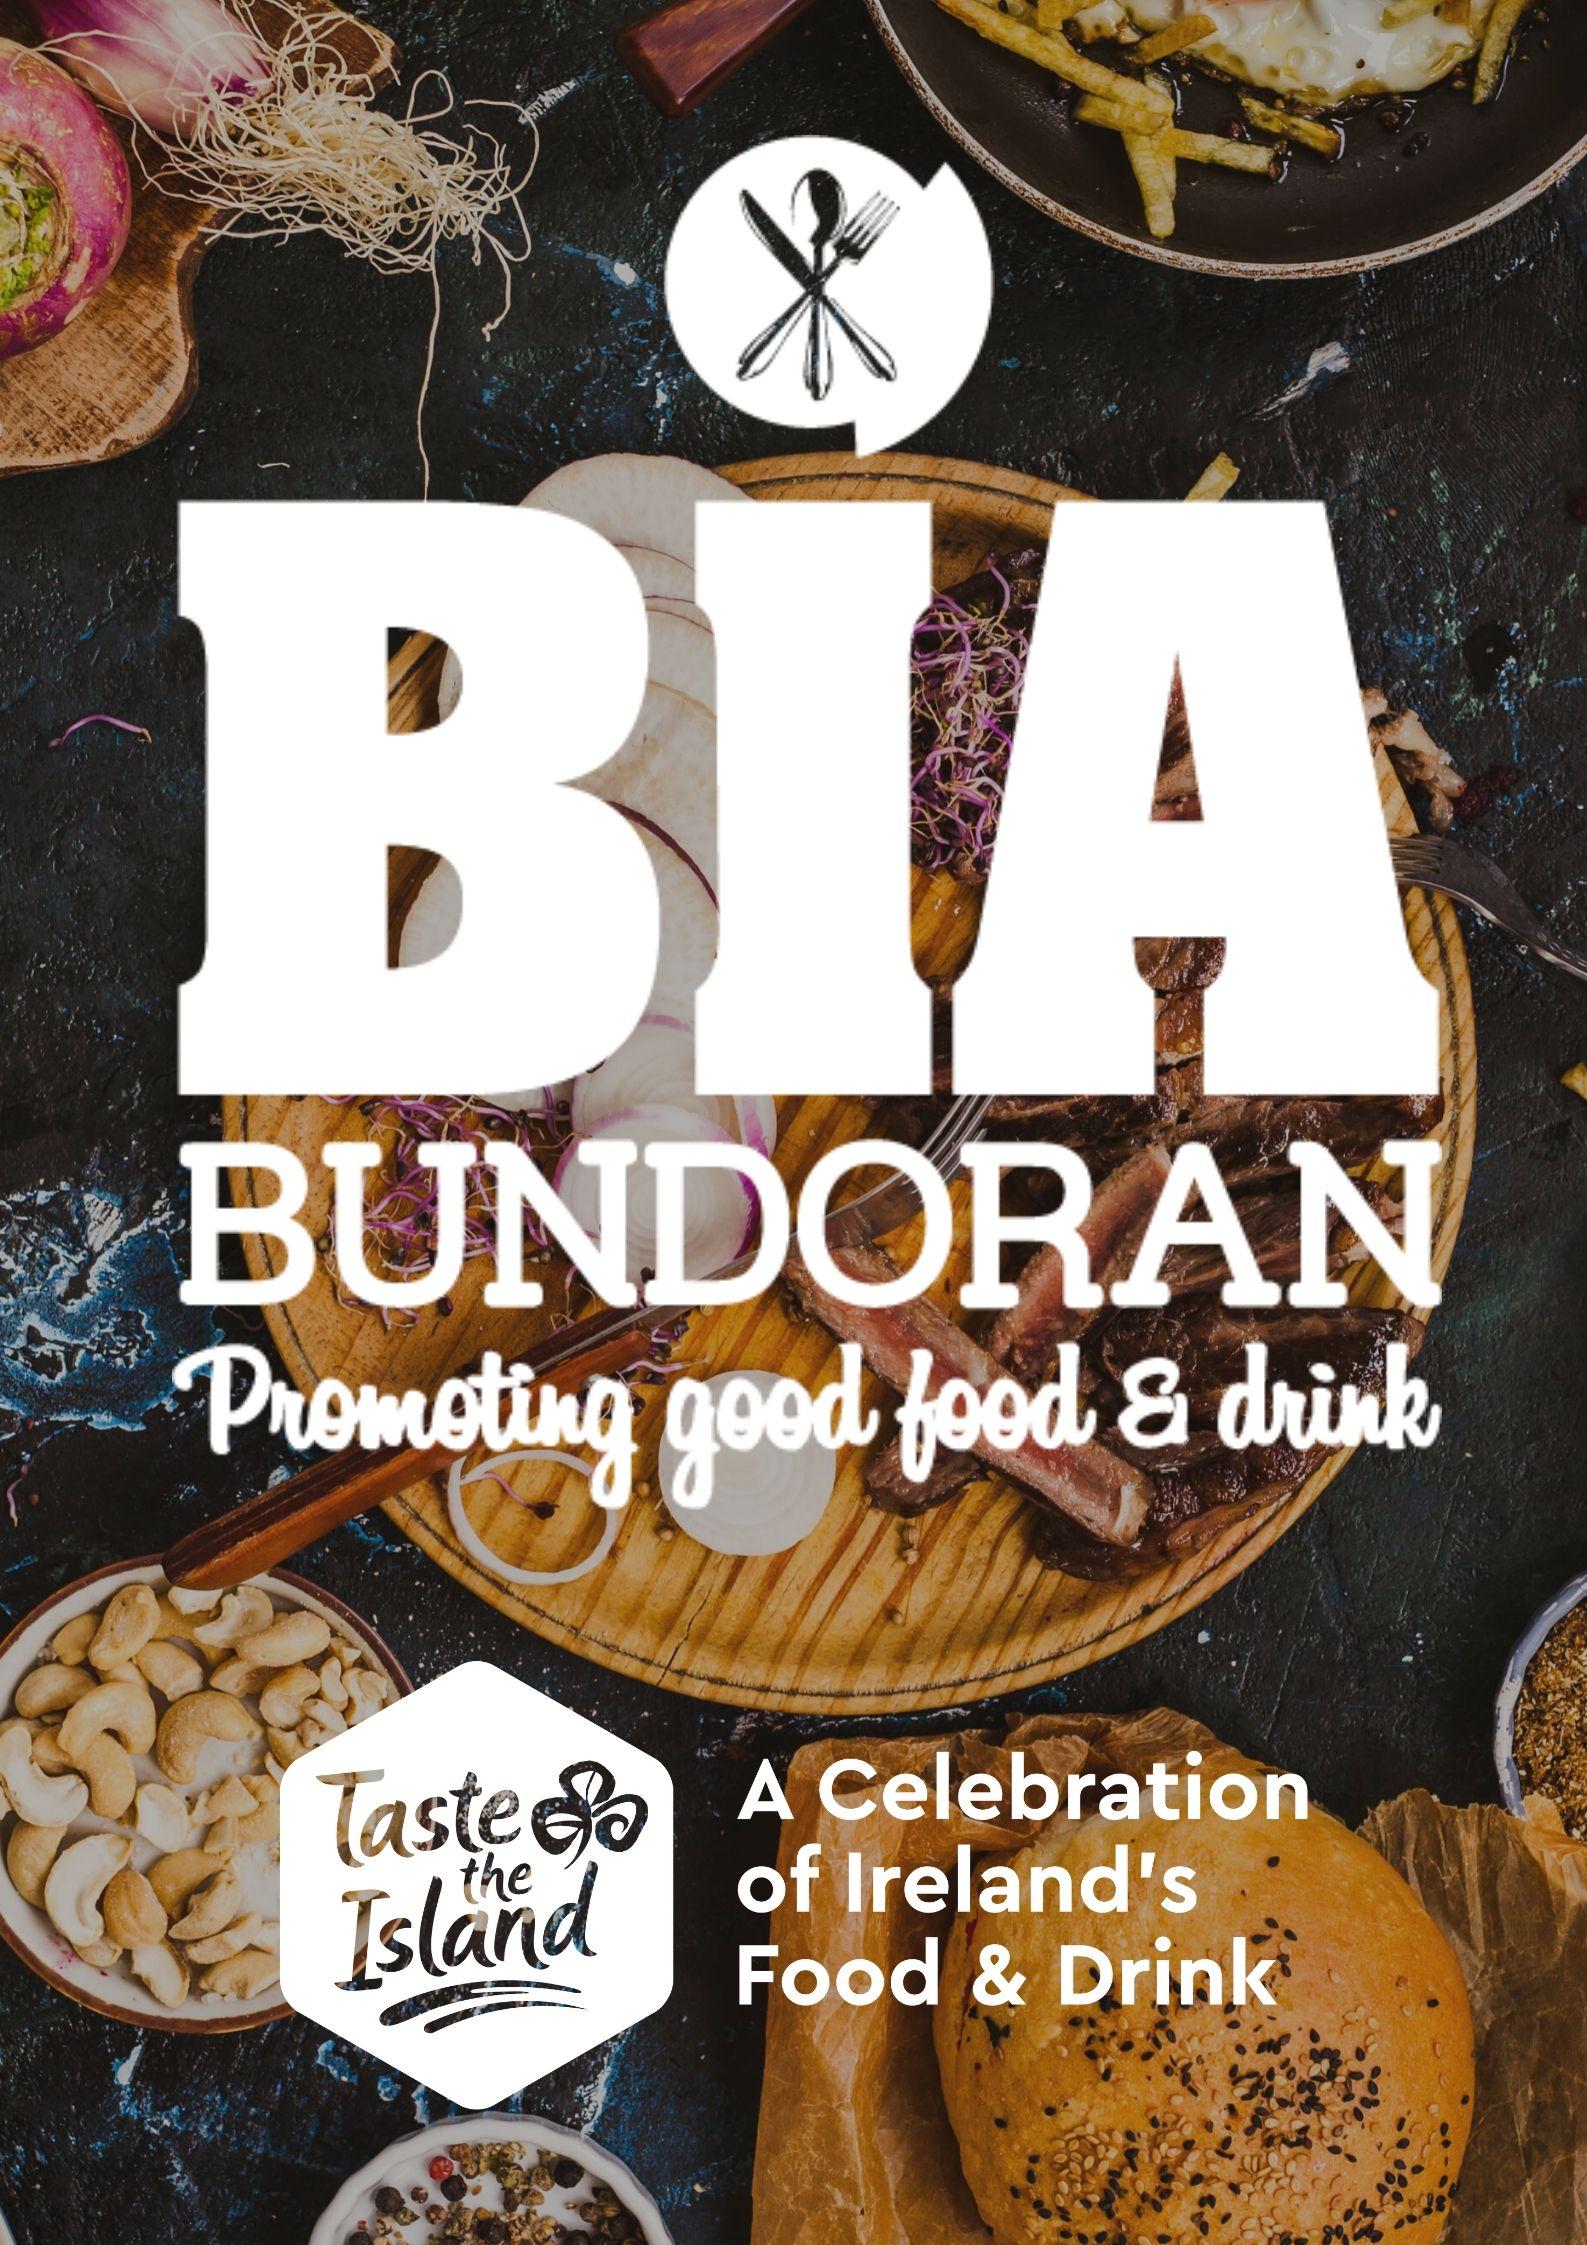 bia bundoran food and drink